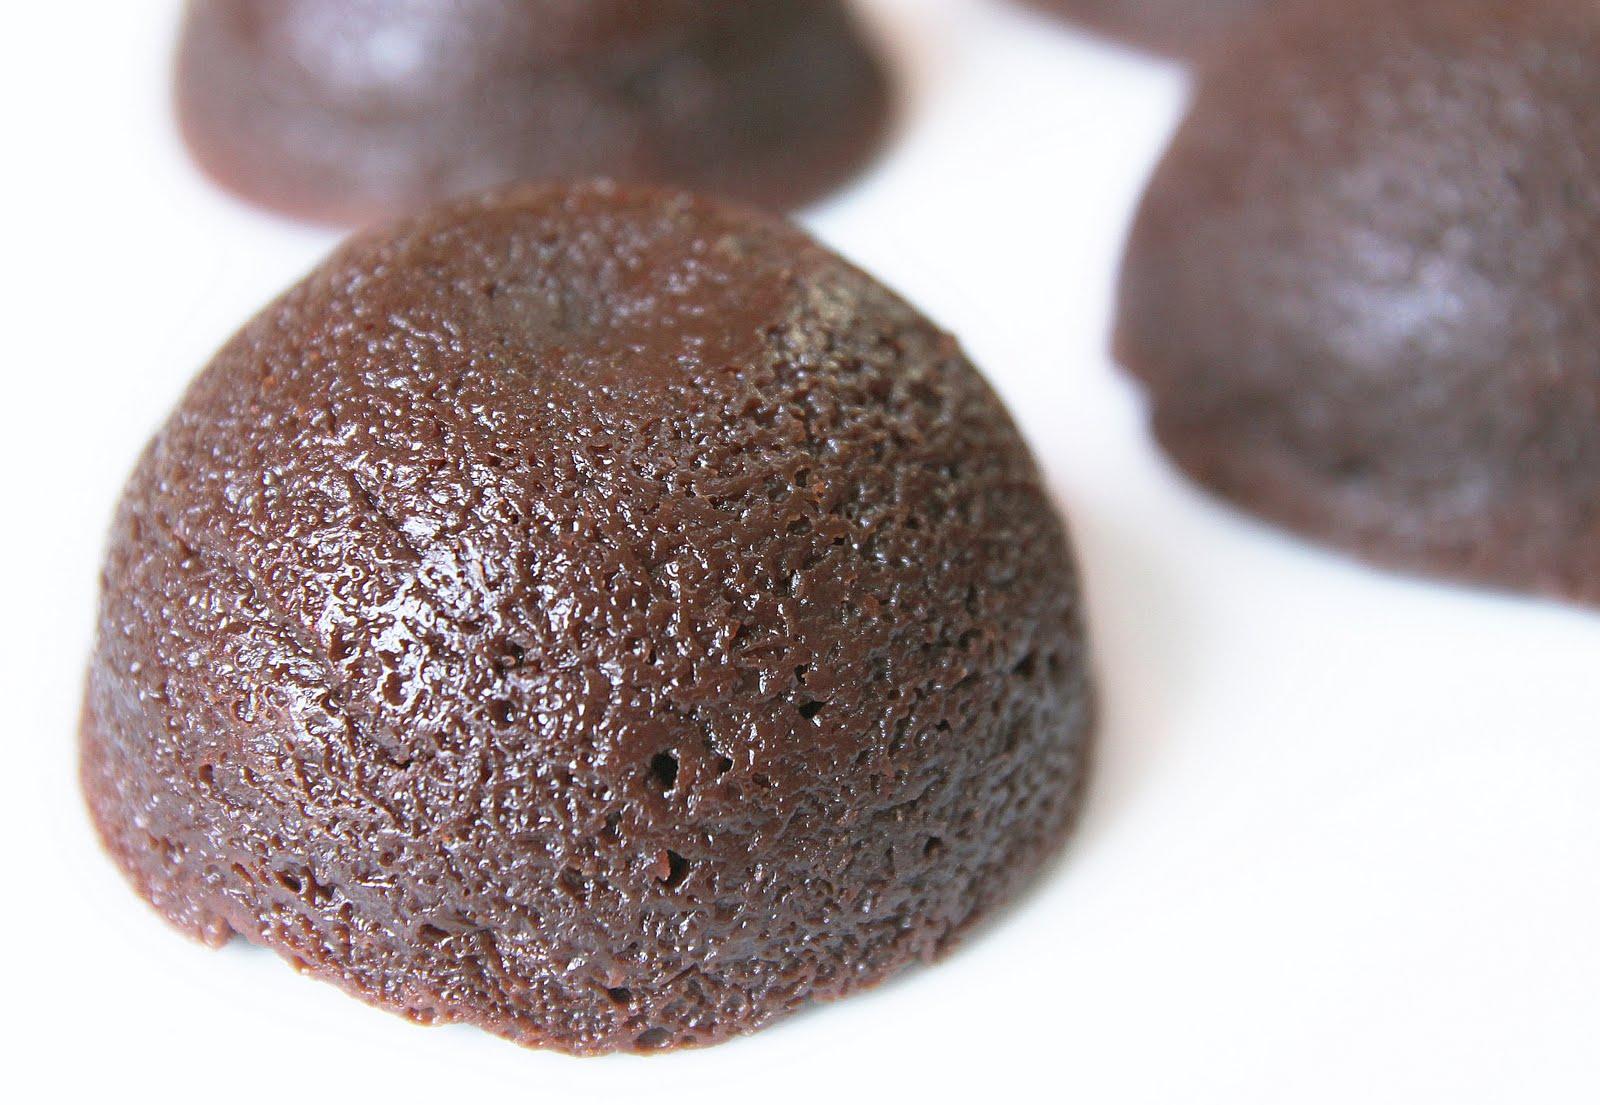 La cuisine de bernard d me au chocolat - La cuisine de bernard fondant ...